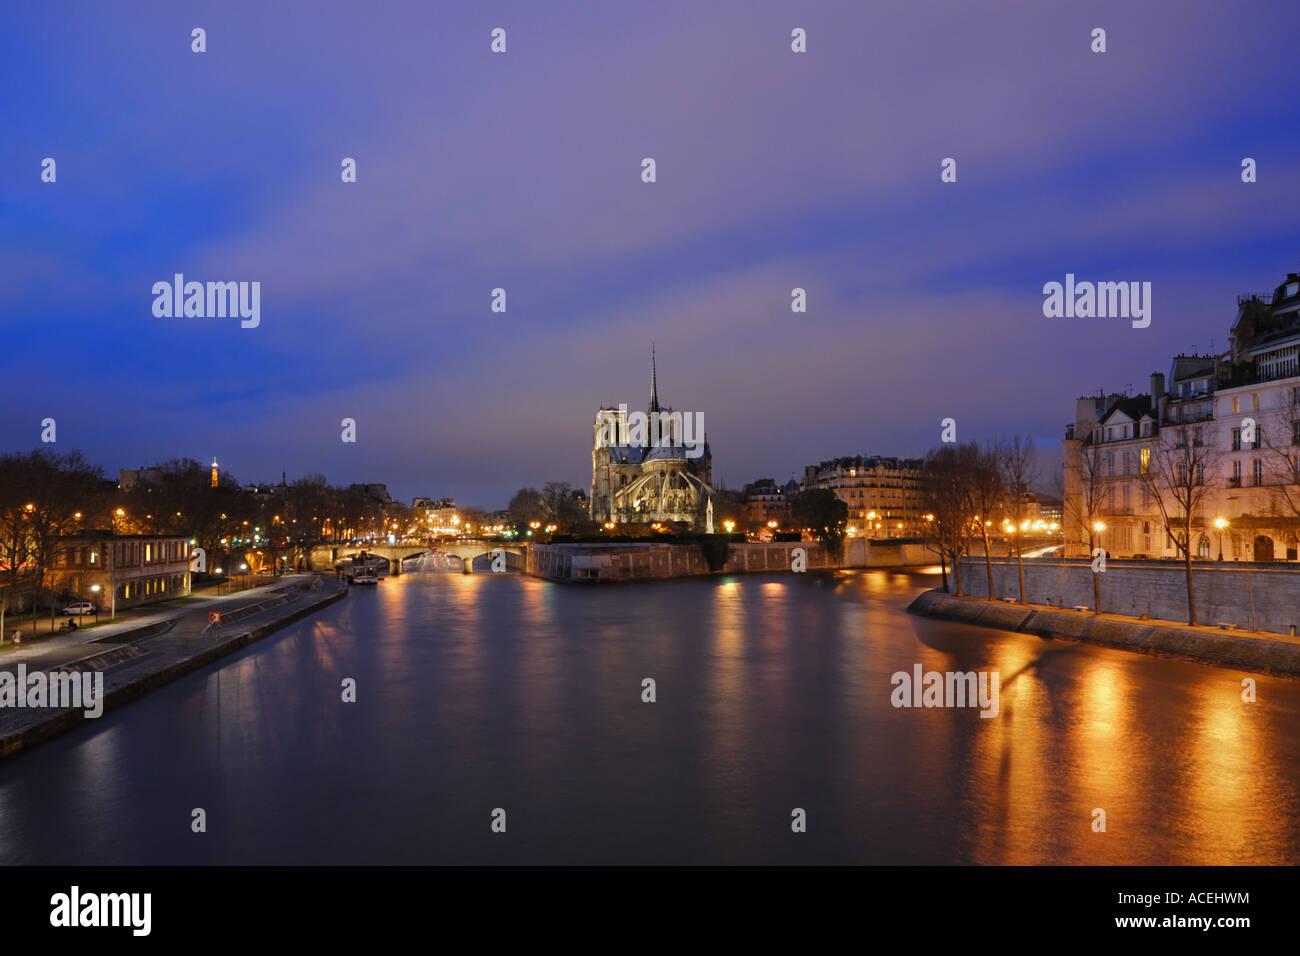 Notre Dame, quai De la Tournelle and Saint-Louis Island at the blue Hour, Paris, France - Stock Image